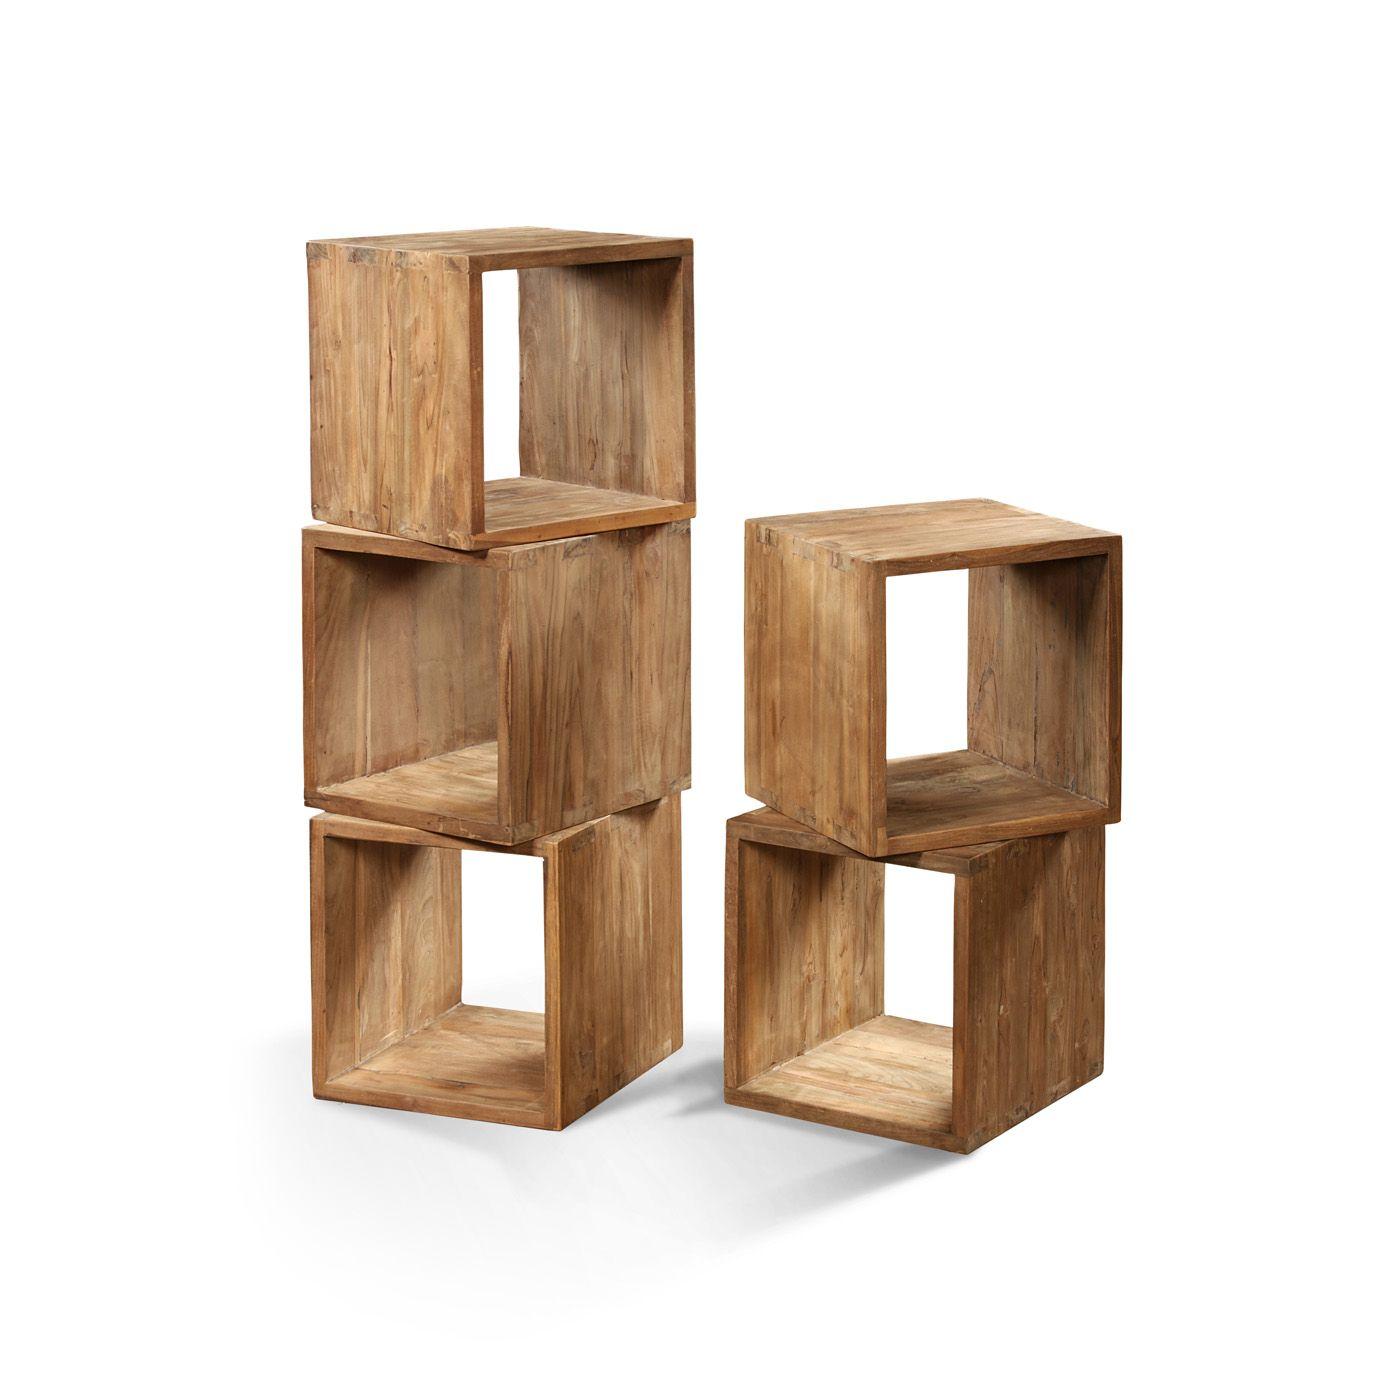 Wood Storage Cubes TO DO LIST Pinterest Storage